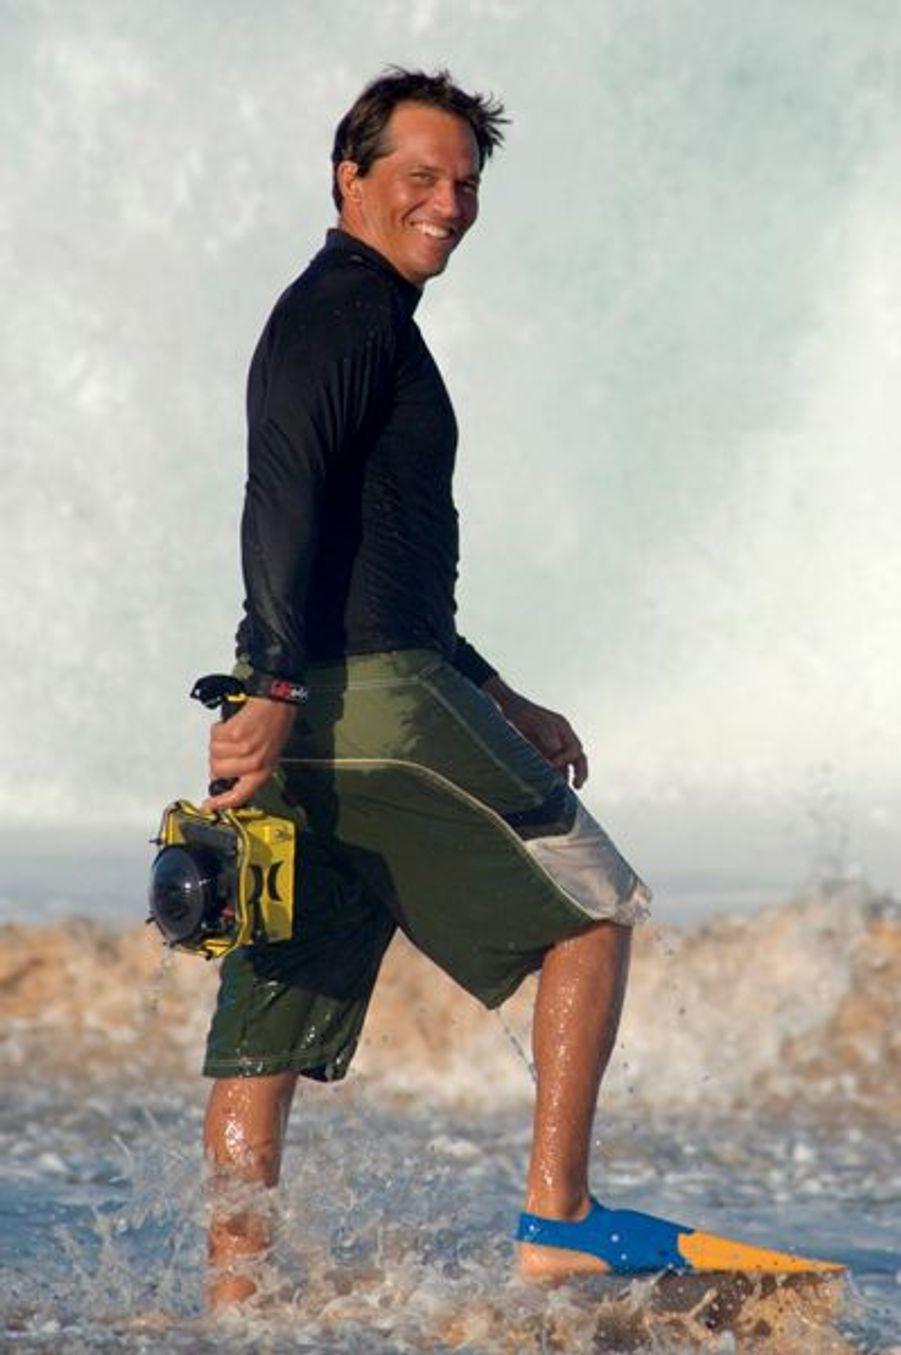 «J'essaie de capturer de l'intérieur la beauté et la puissance de ces vagues monstrueuses», explique Larry Clark (ci-dessus). Pour tutoyer tant de fureur d'aussi près, il s'est juste muni de son matériel habituel : une combinaison de plongée, des palmes et son Nikon protégé par un caisson étanche. Alors qu'il faut palmer vite, trouver la position exacte, puis mitrailler, à neuf images par seconde. Juste après ce cliché, le rouleau l'a happé. Une tornade qui a fini par le rejeter sur le rivage, hébété mais éperdu de bonheur.